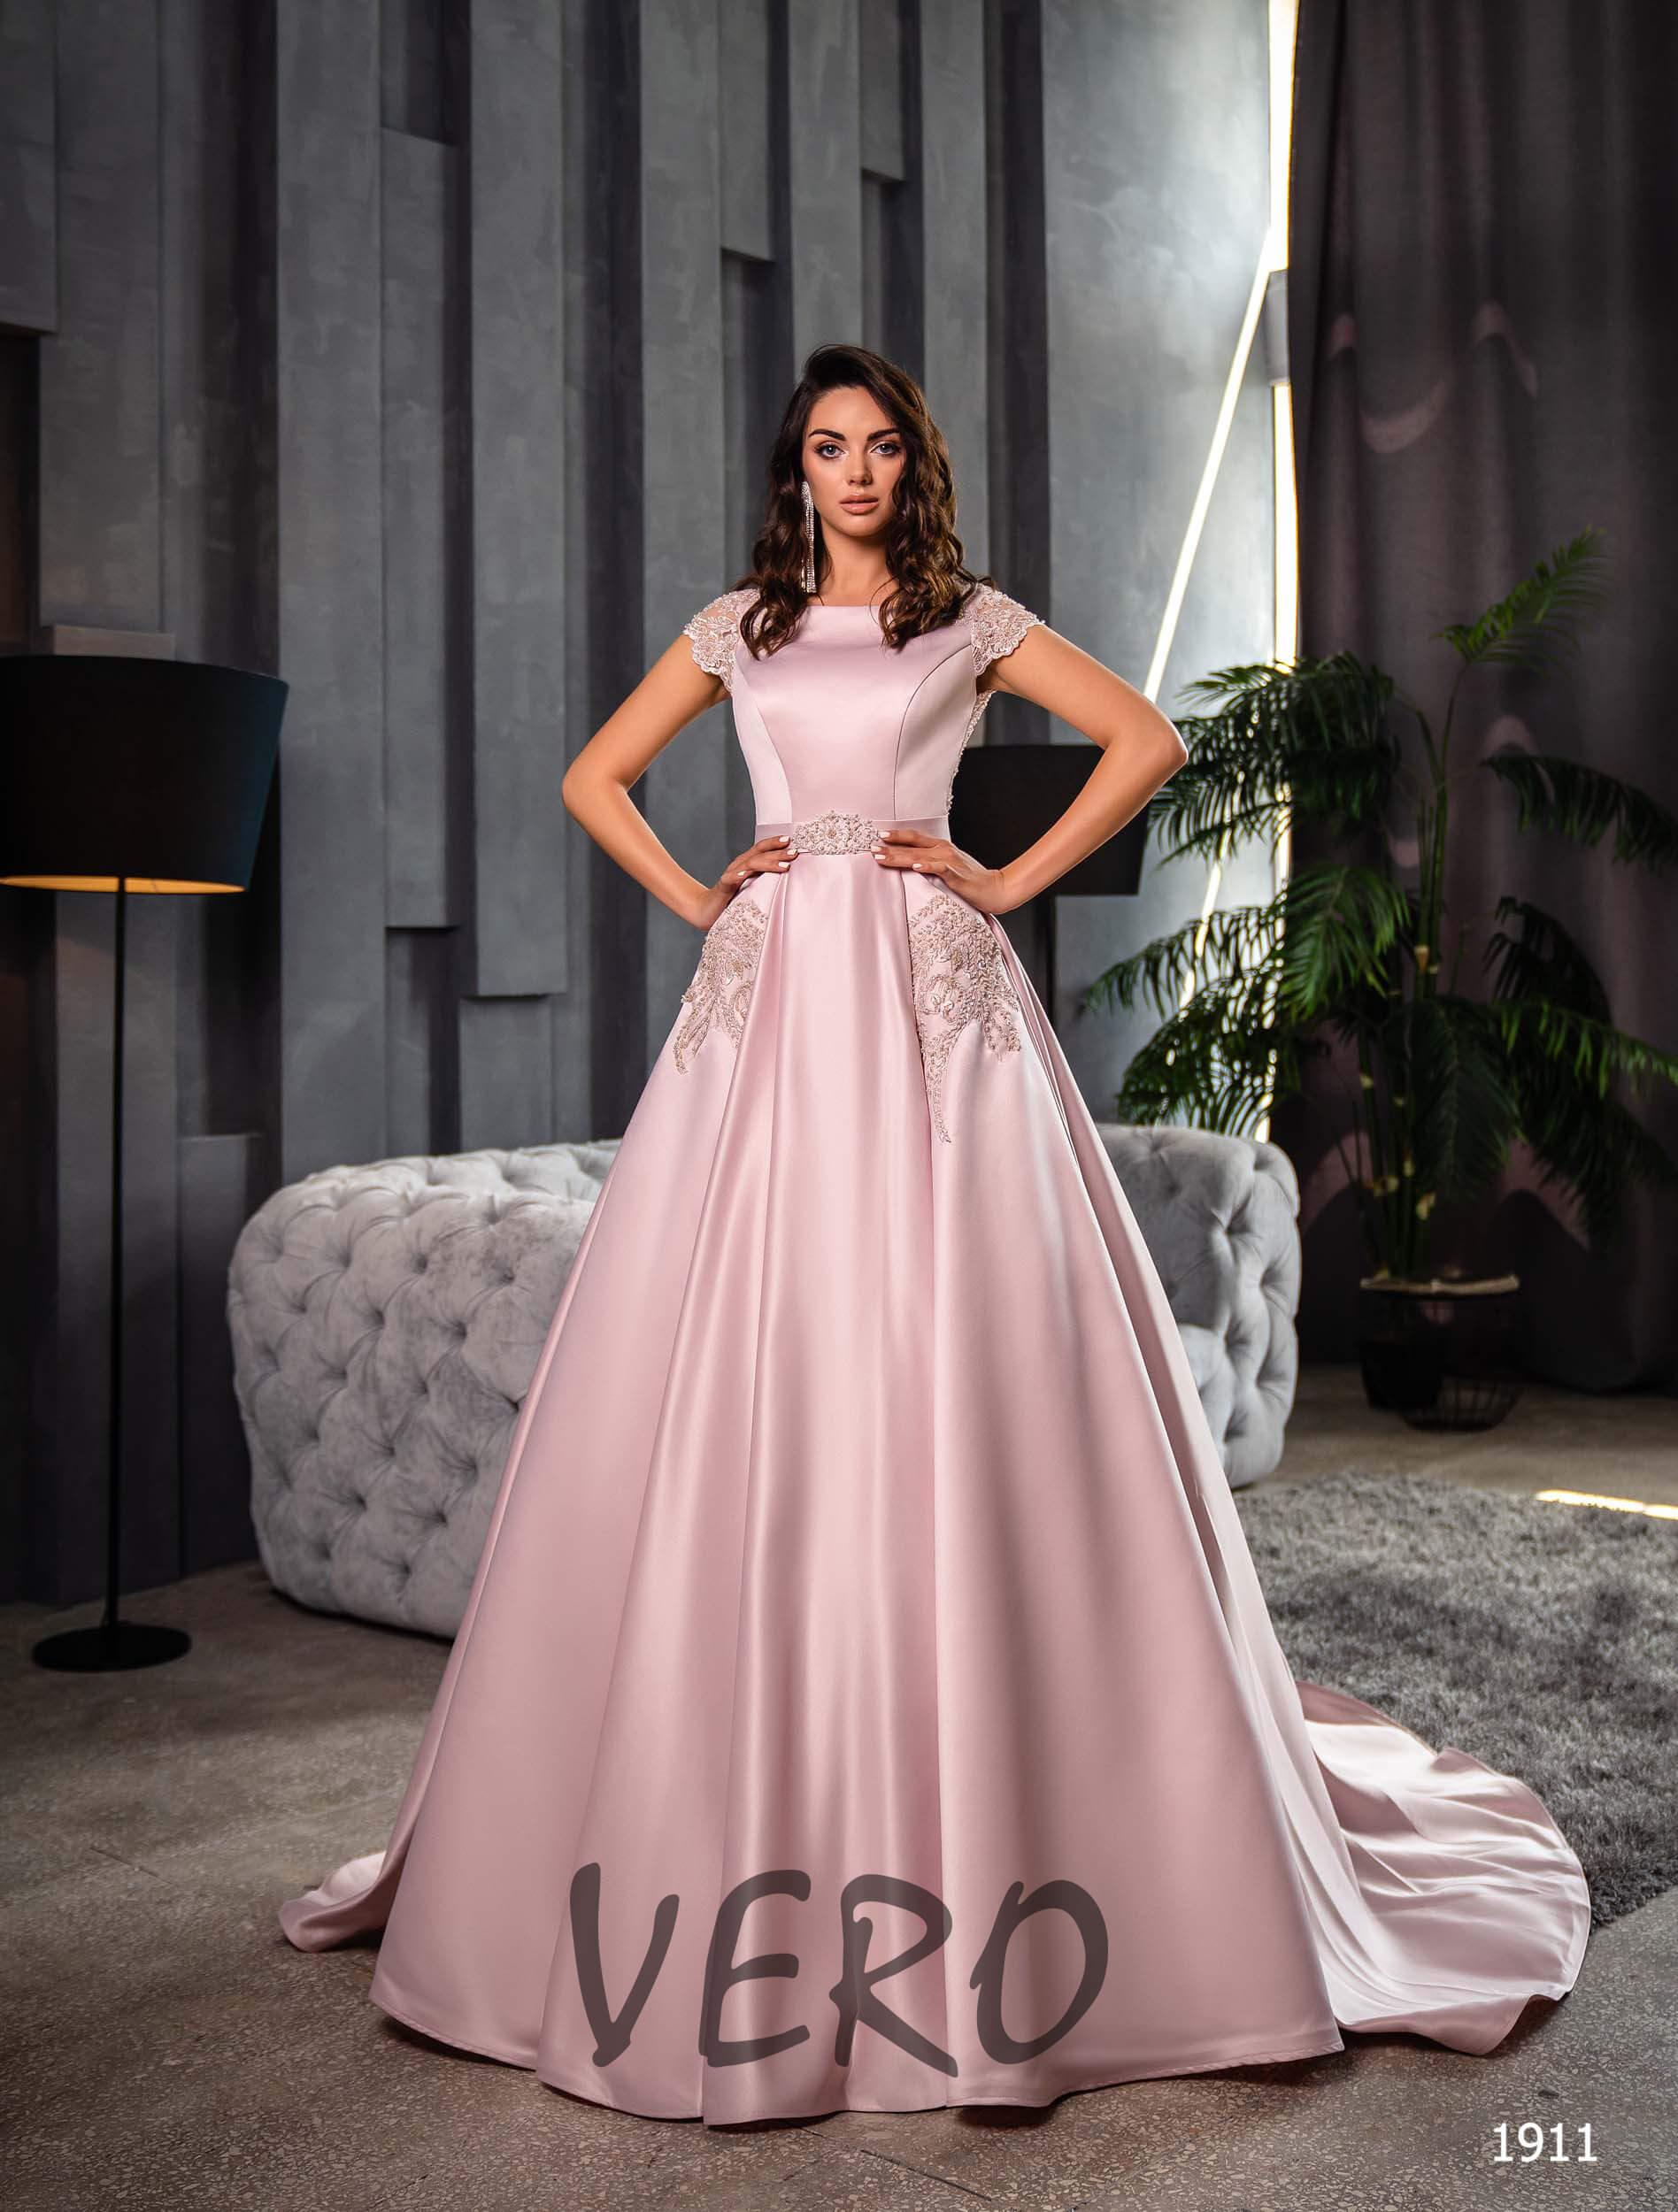 платья пышные на выпускной(1)   Vero